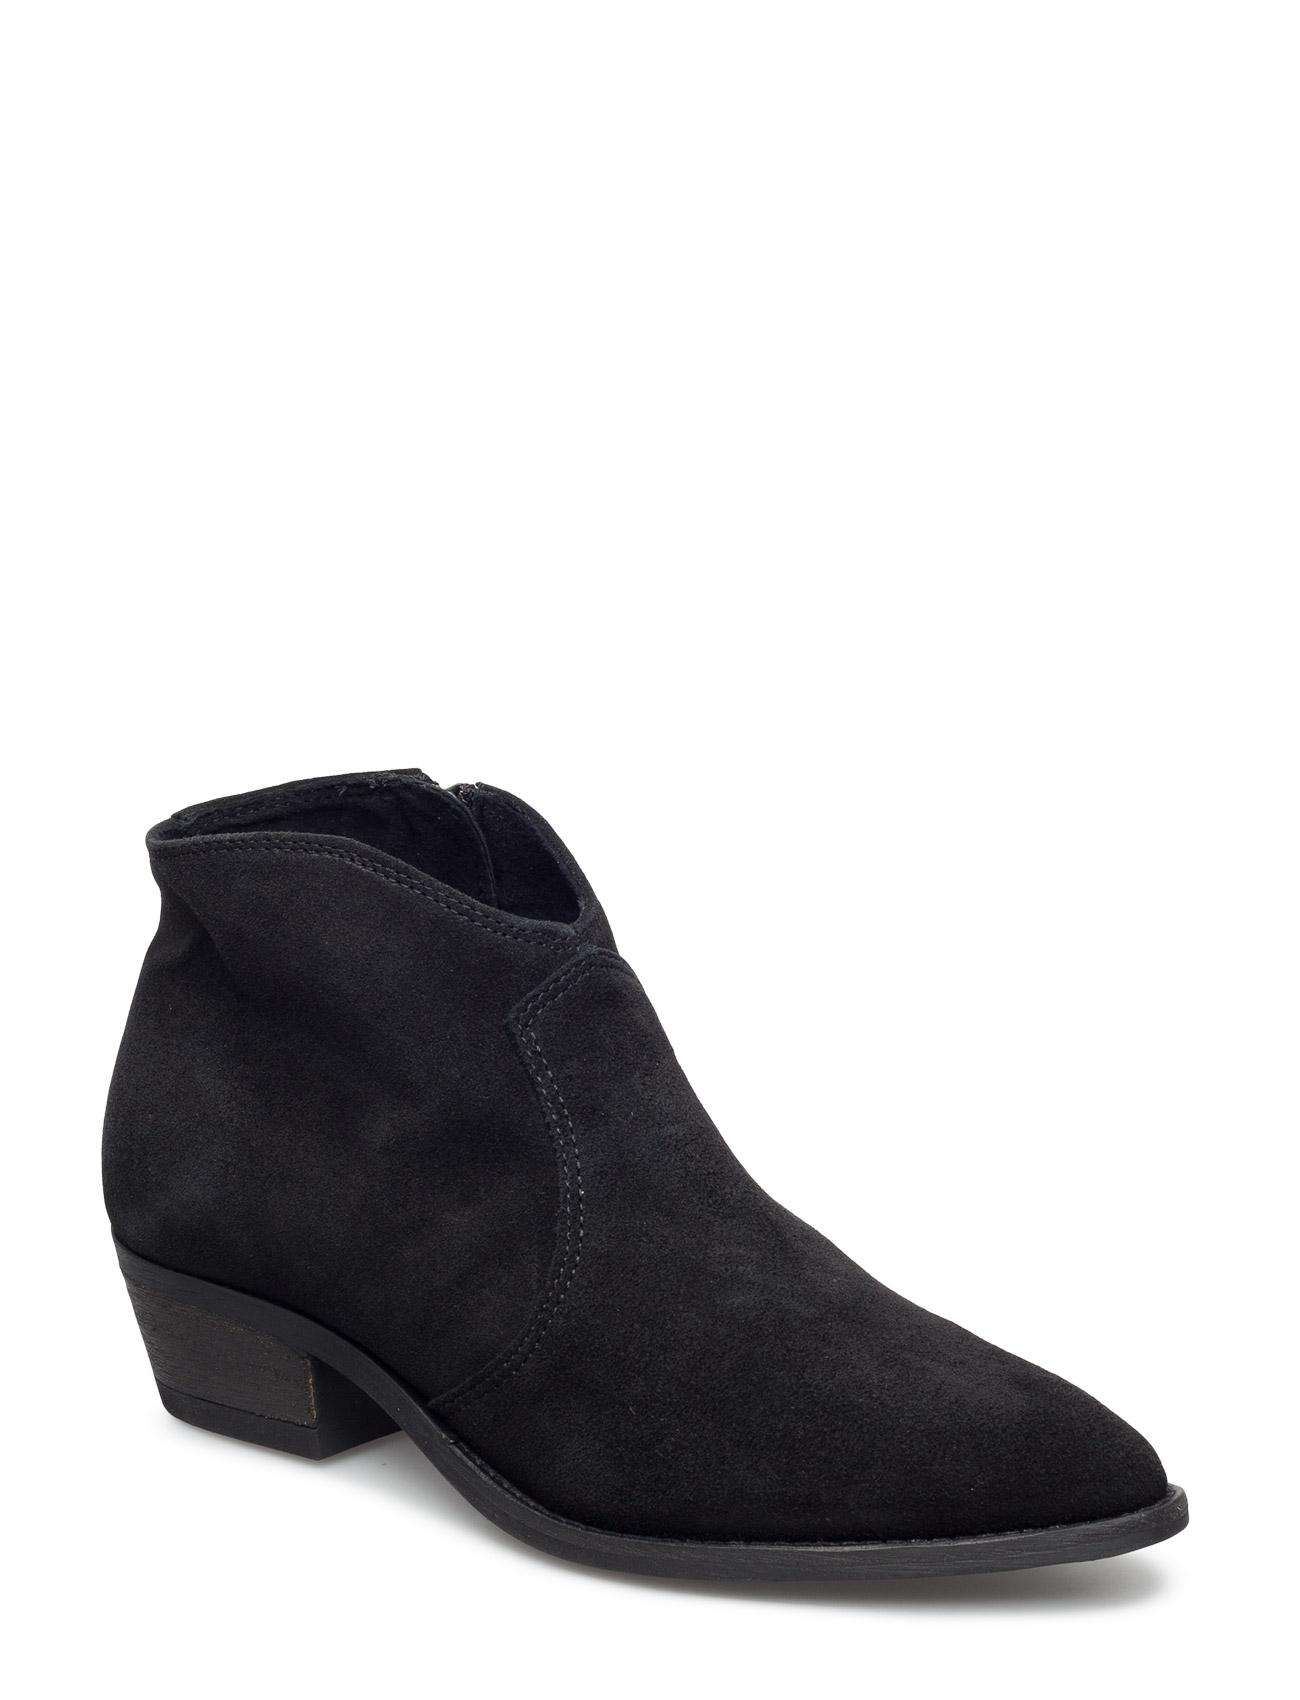 Dicte Pavement Støvler til Kvinder i Sort